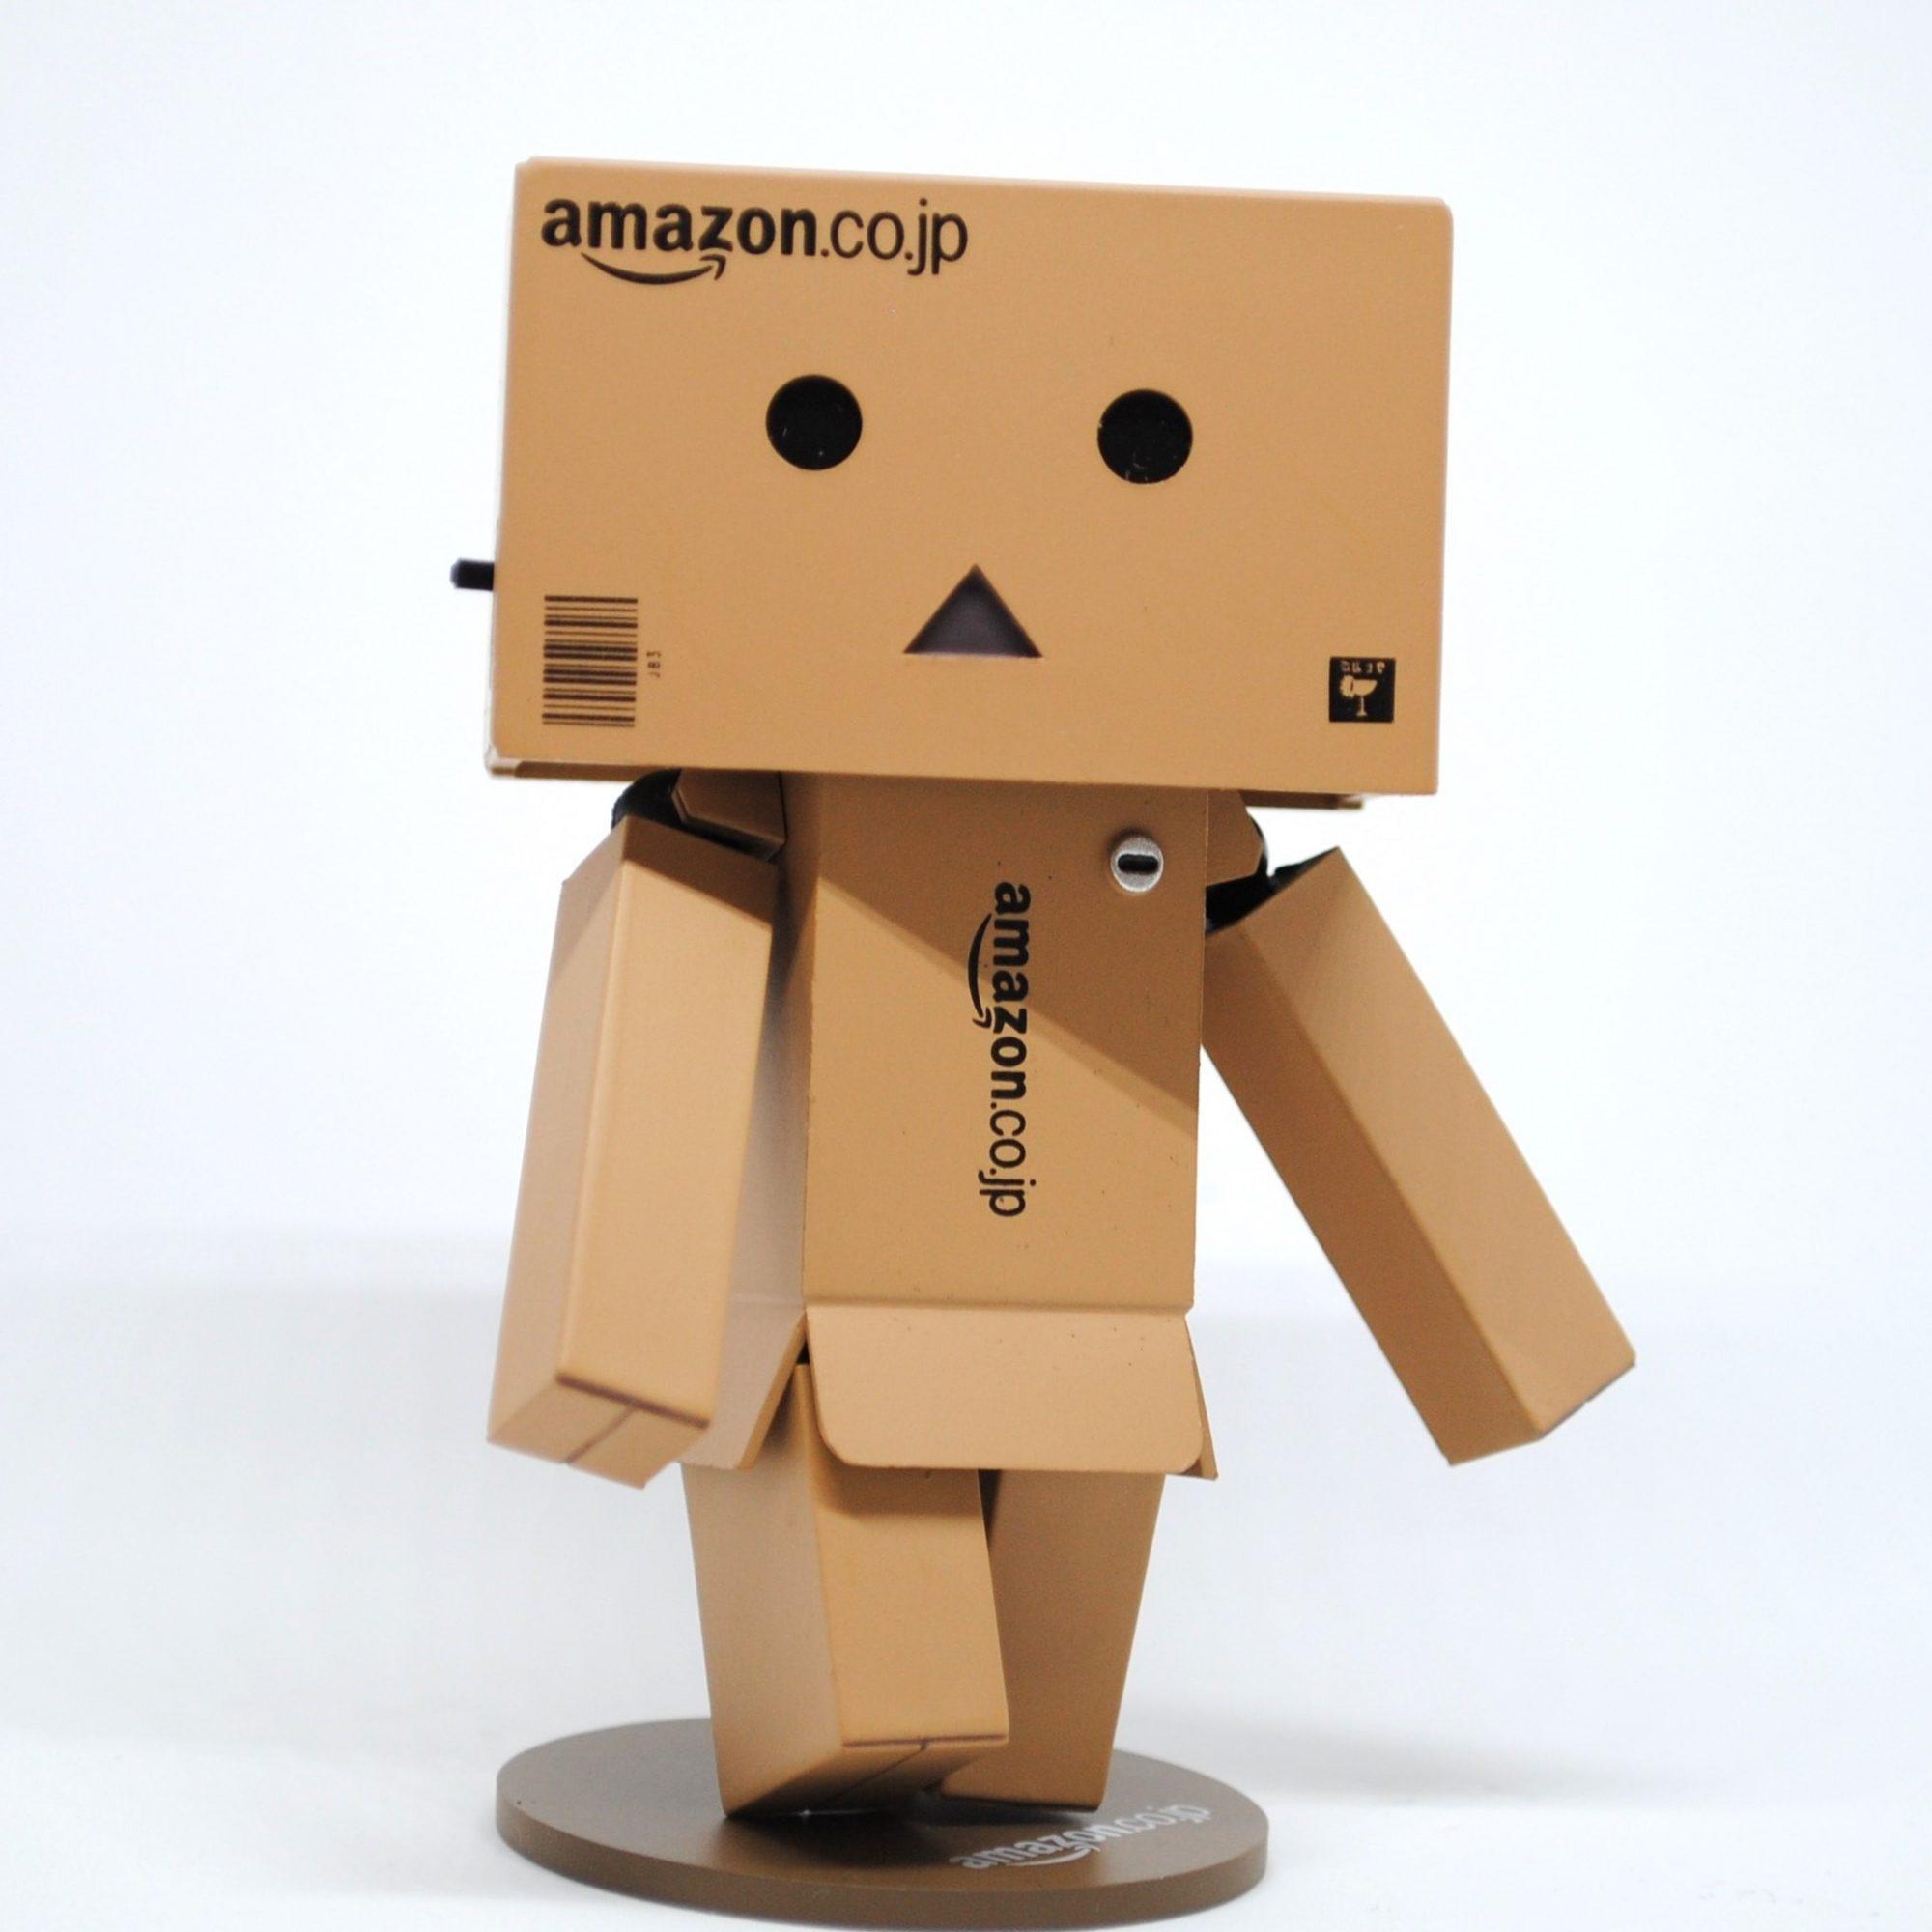 Des milliers de produits non sécuritaires vendus sur Amazon